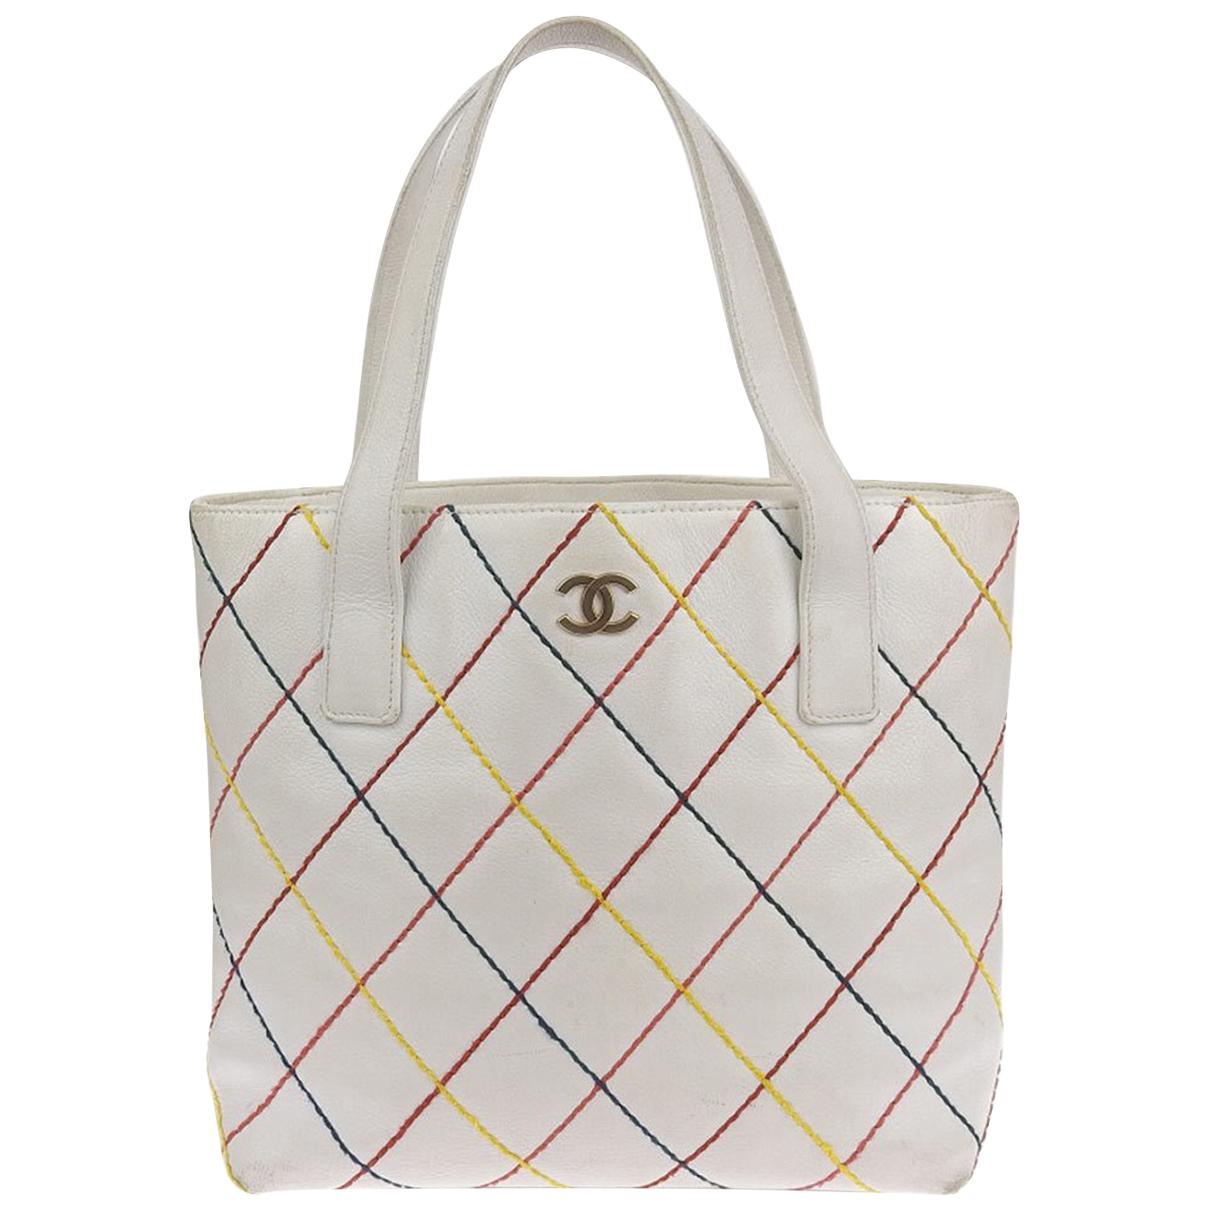 Chanel \N White Leather handbag for Women \N